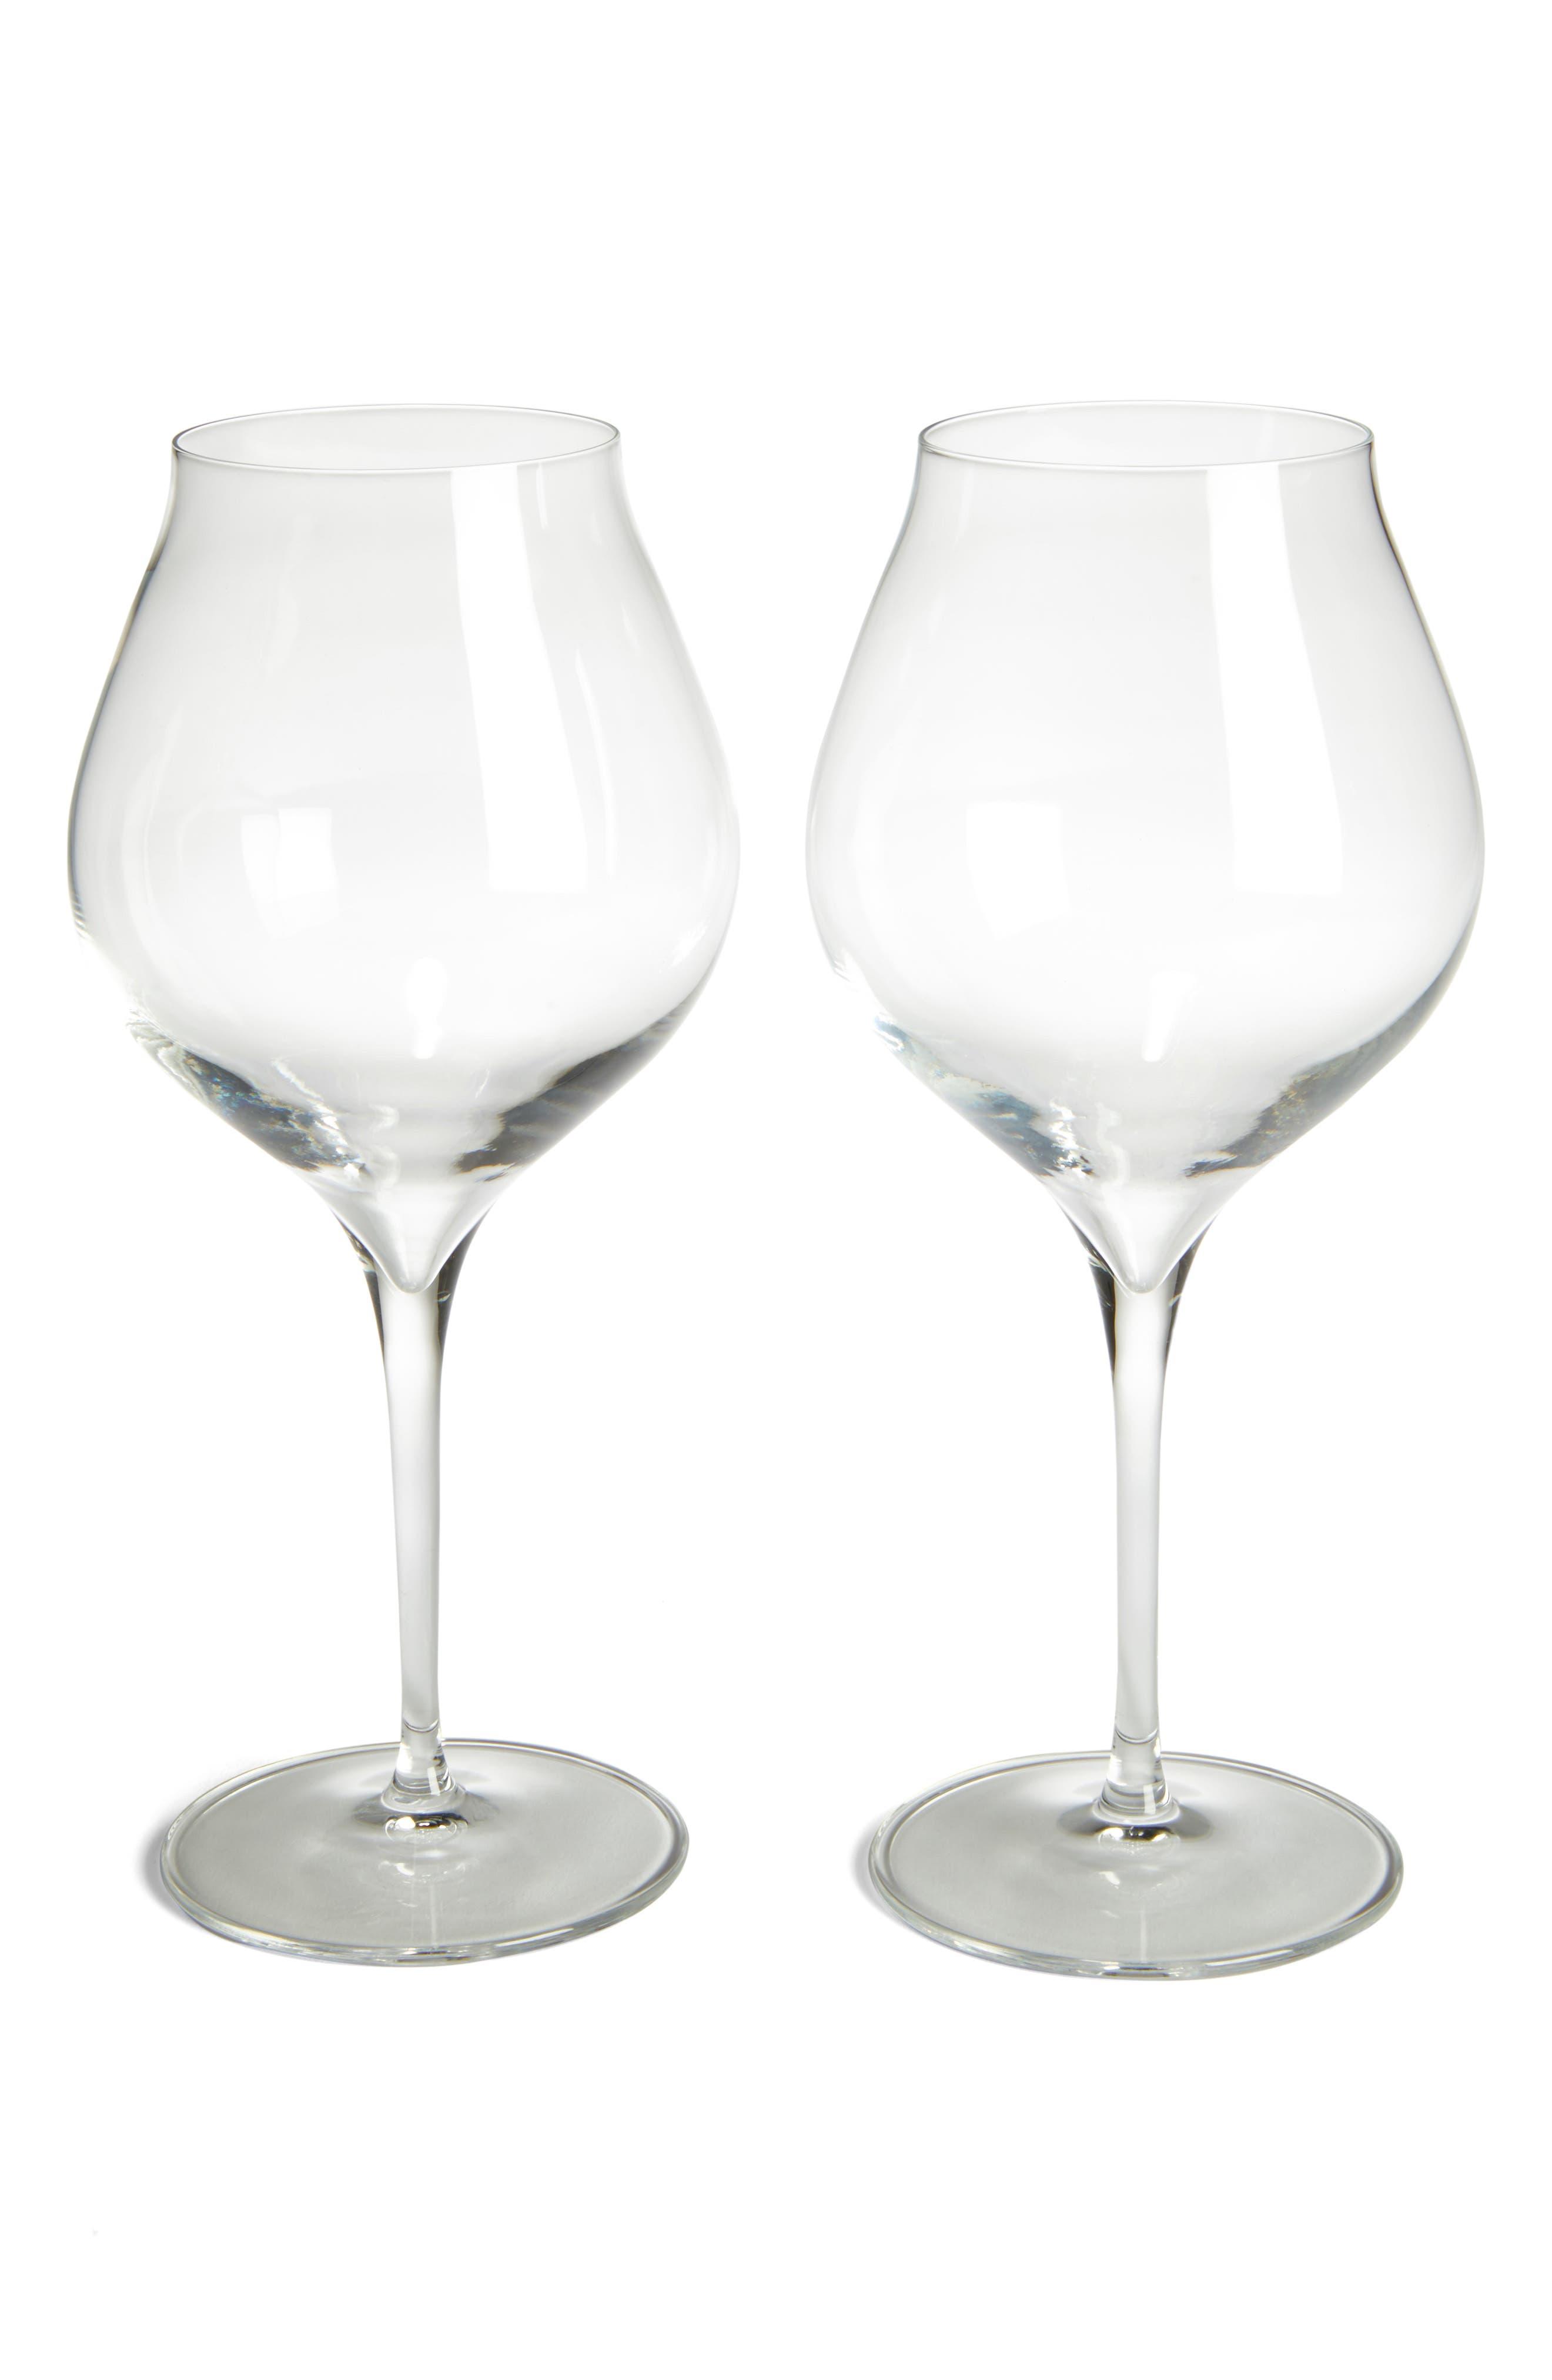 Luigi Bormiolo Vinea Corvina/Amarone Set of 2 Red Wine Glasses,                         Main,                         color, 100